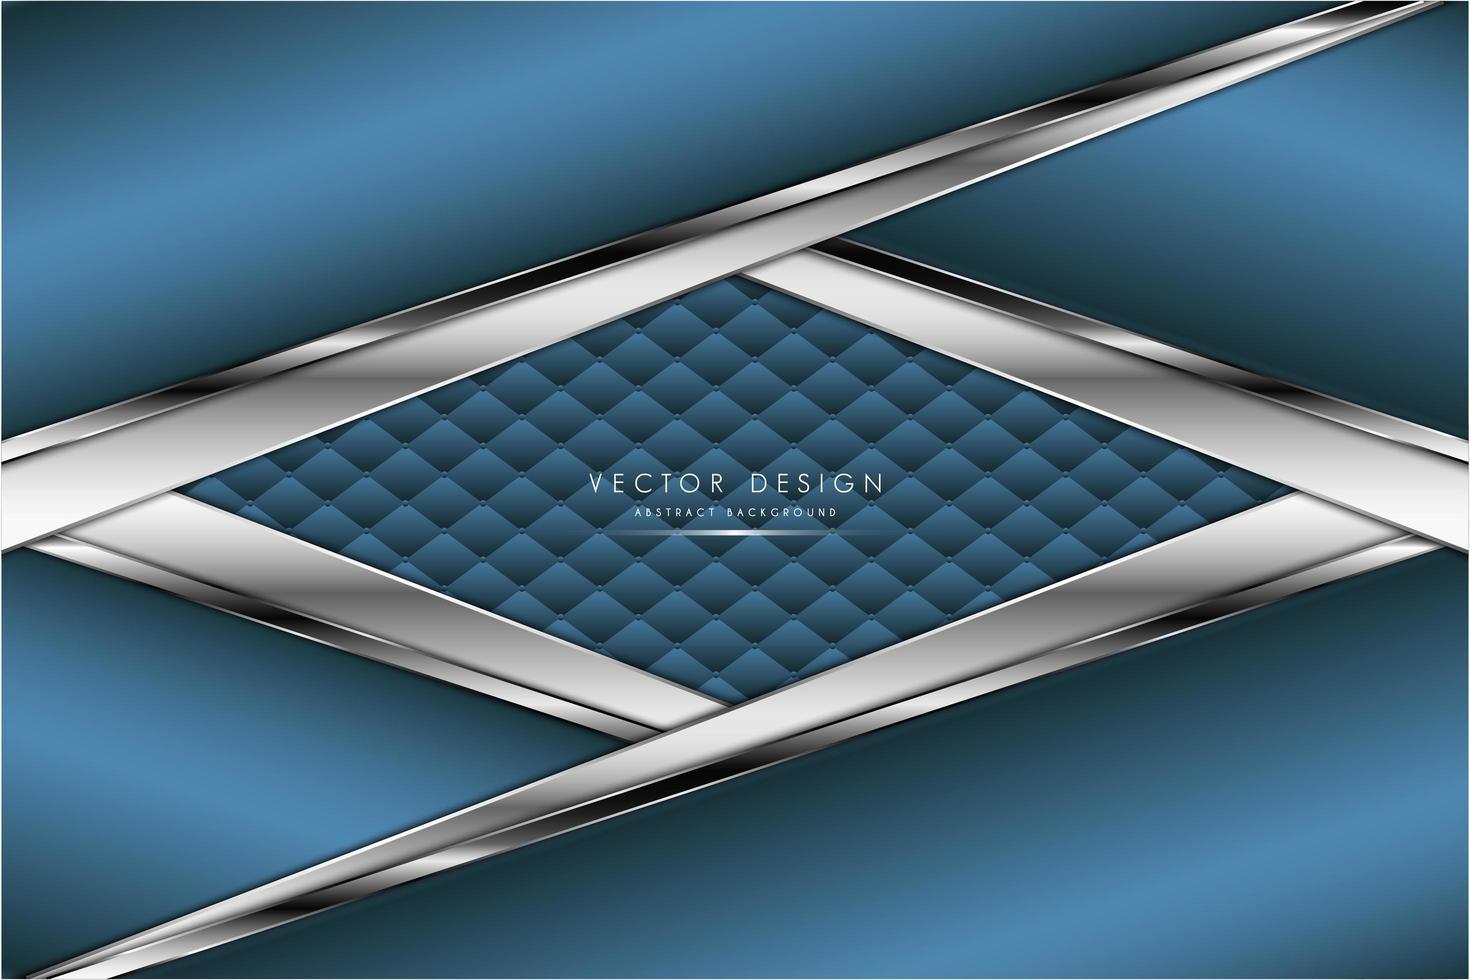 metallisch abgewinkelte blaue und silberne Paneele mit Polsterstruktur vektor